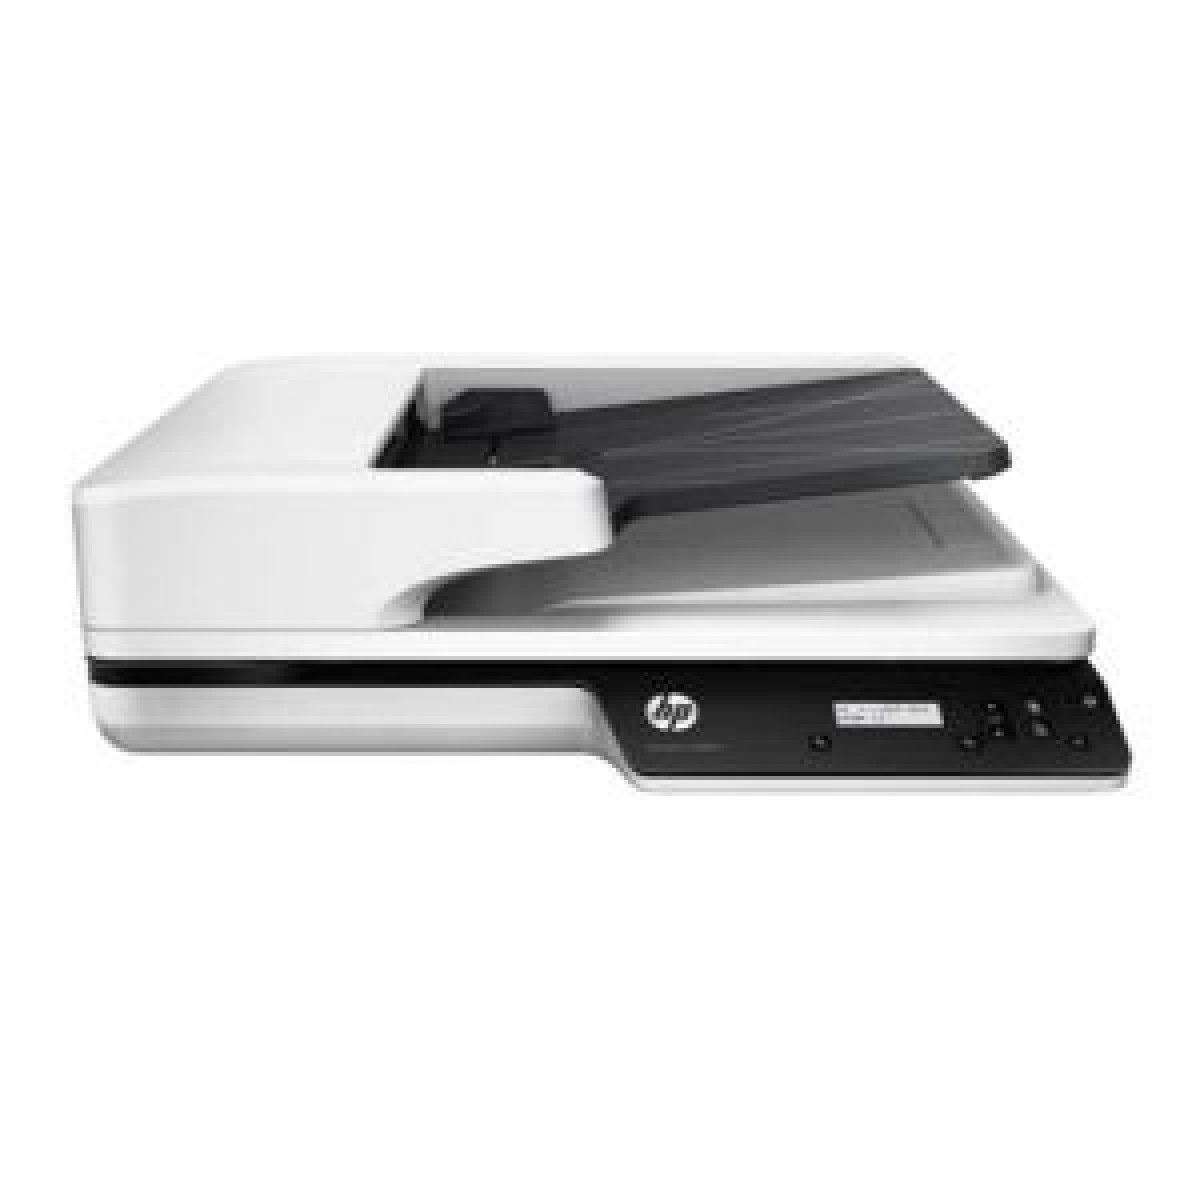 惠普4500扫描仪